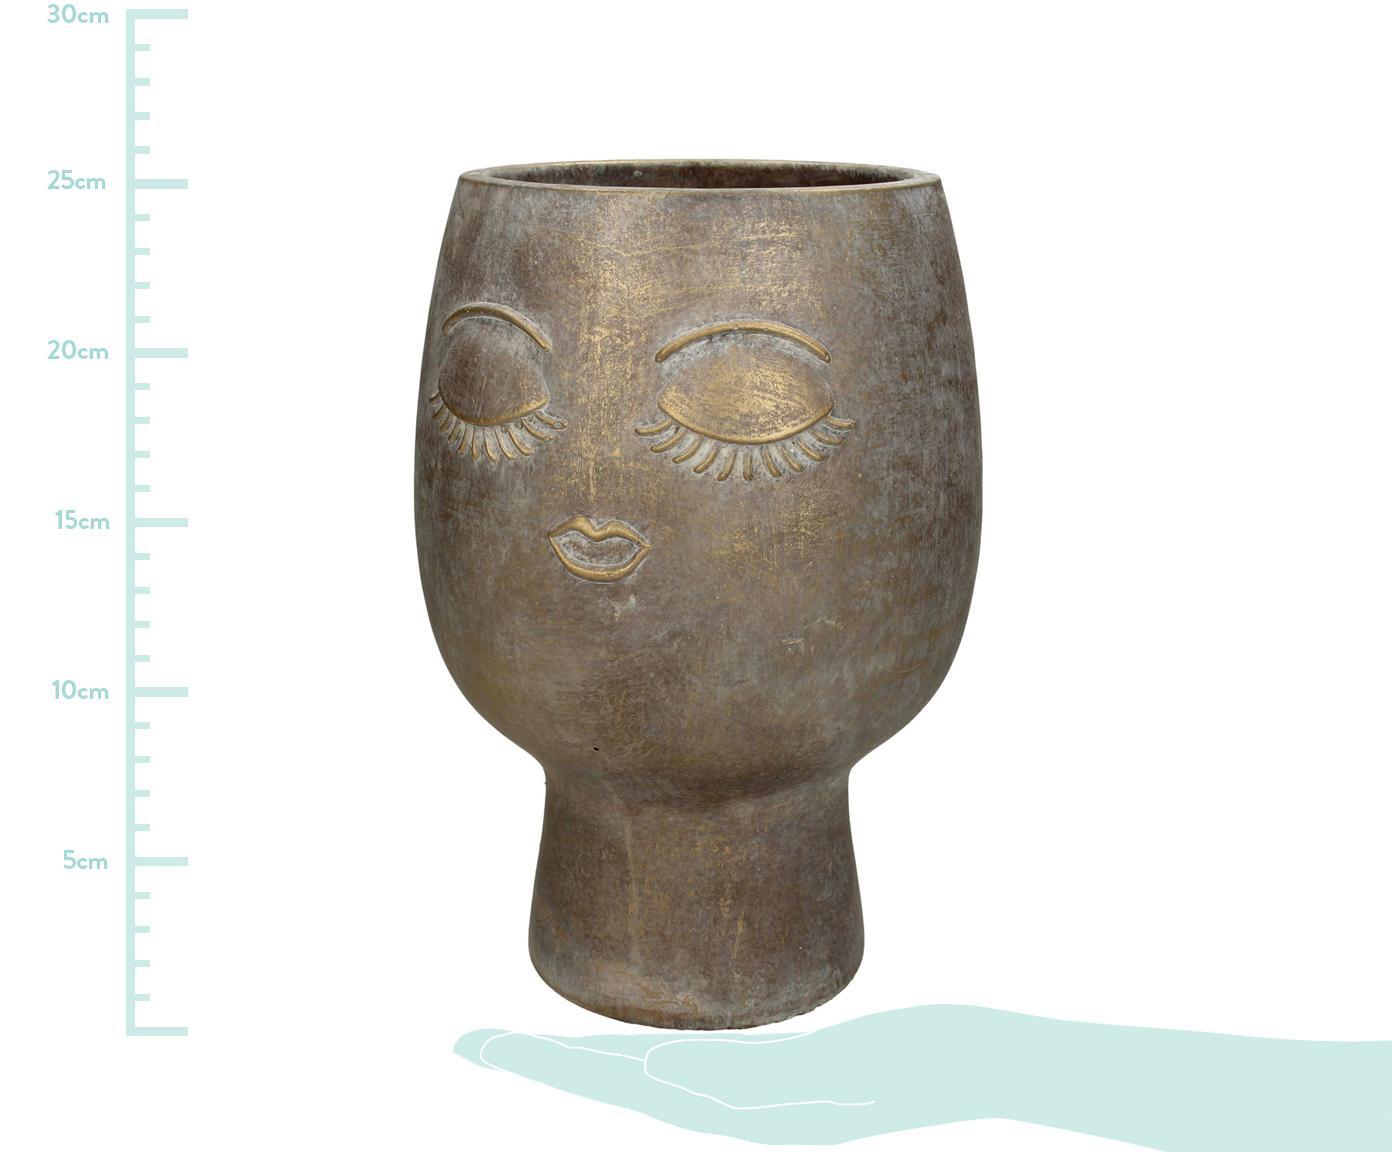 Osłonka na doniczkę Consi, Cement powlekany, Odcienie mosiądzu, Ø 18 x W 25 cm